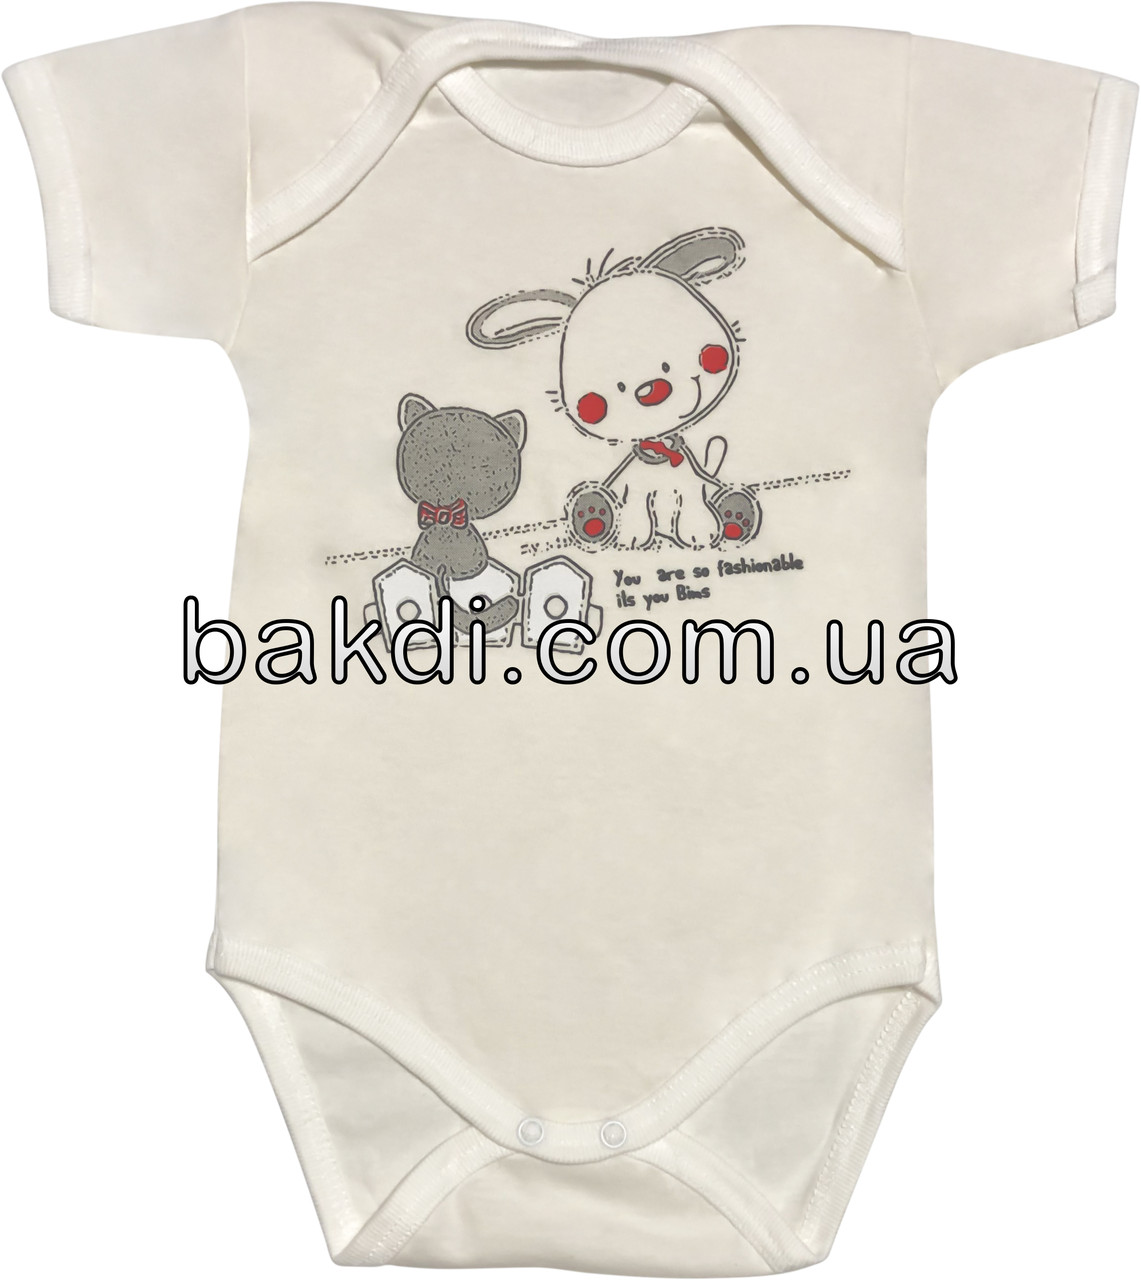 Дитяче літнє тонке боді зростання 74 6-9 міс бавовна кулір молочний бодік на хлопчика дівчинку з коротким